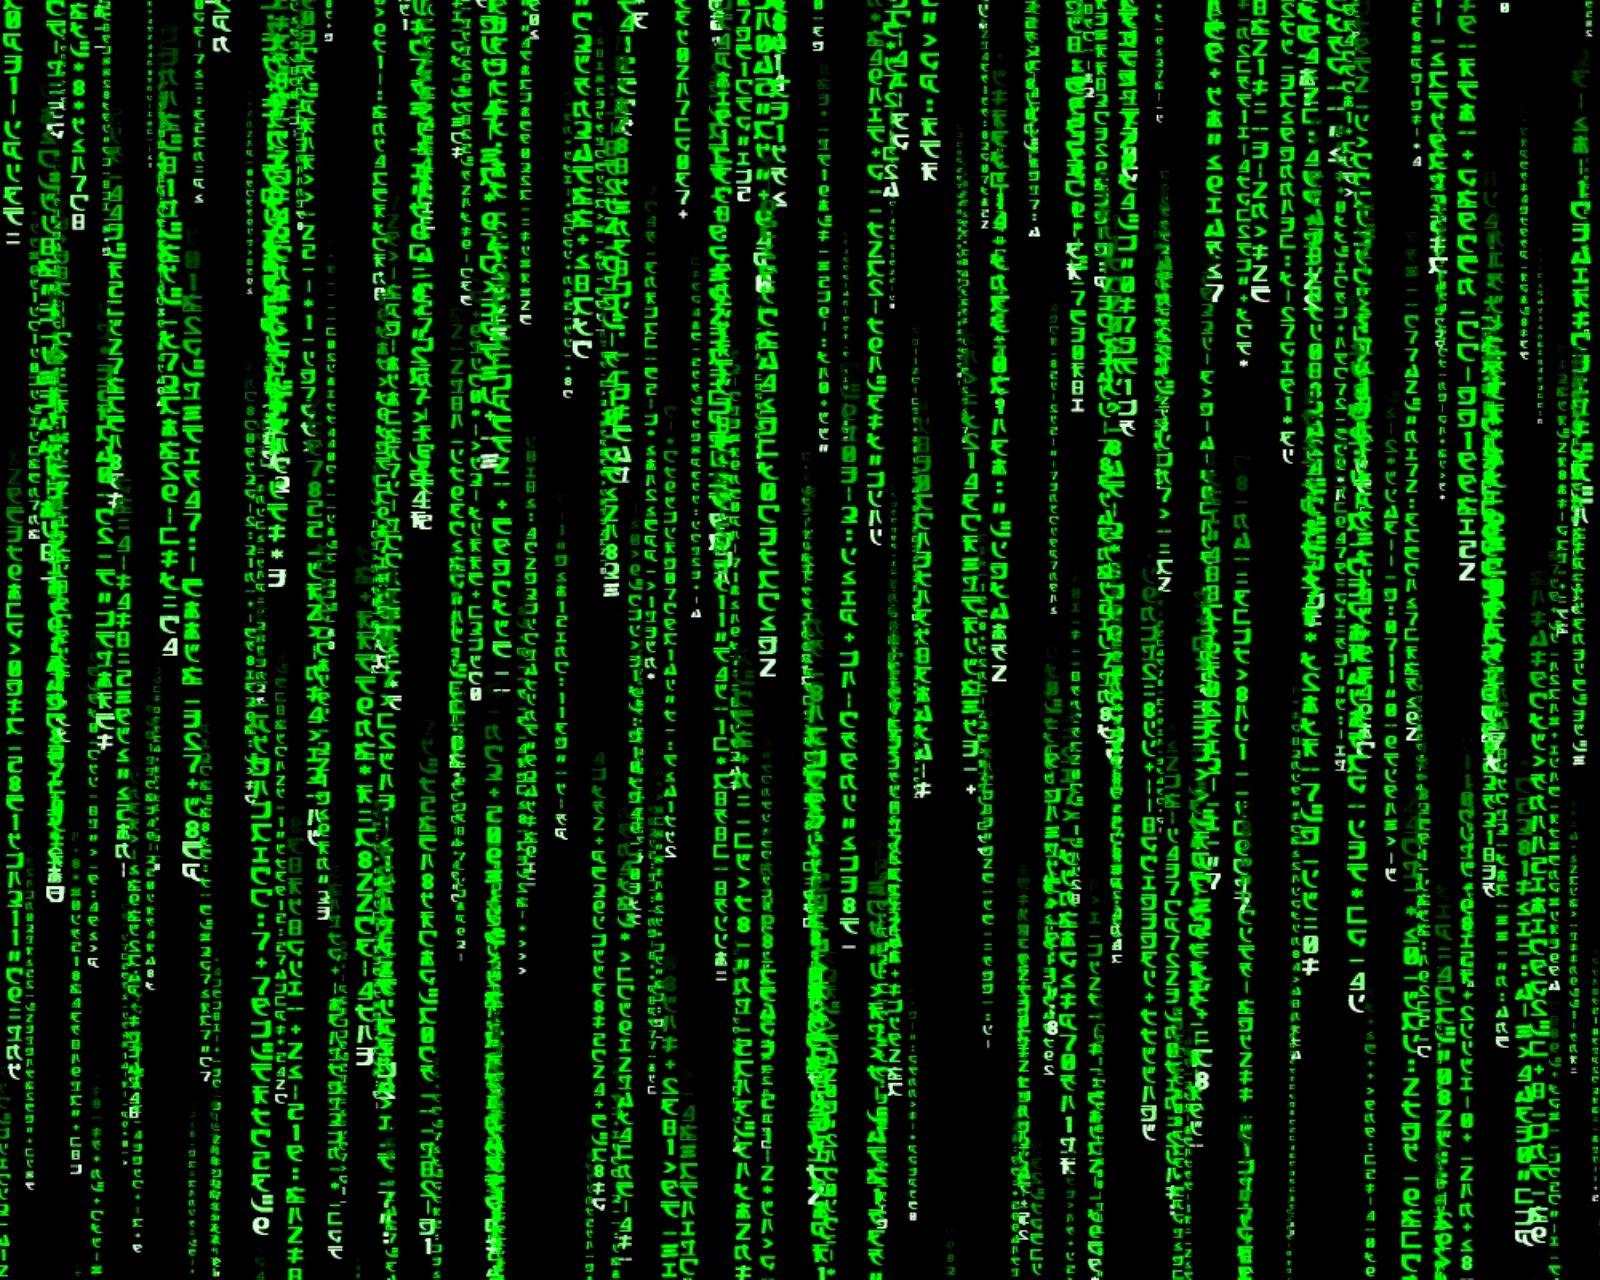 Download Matrix Green Code 005 1600 x 1280 Wallpapers   matrix code 1600x1280